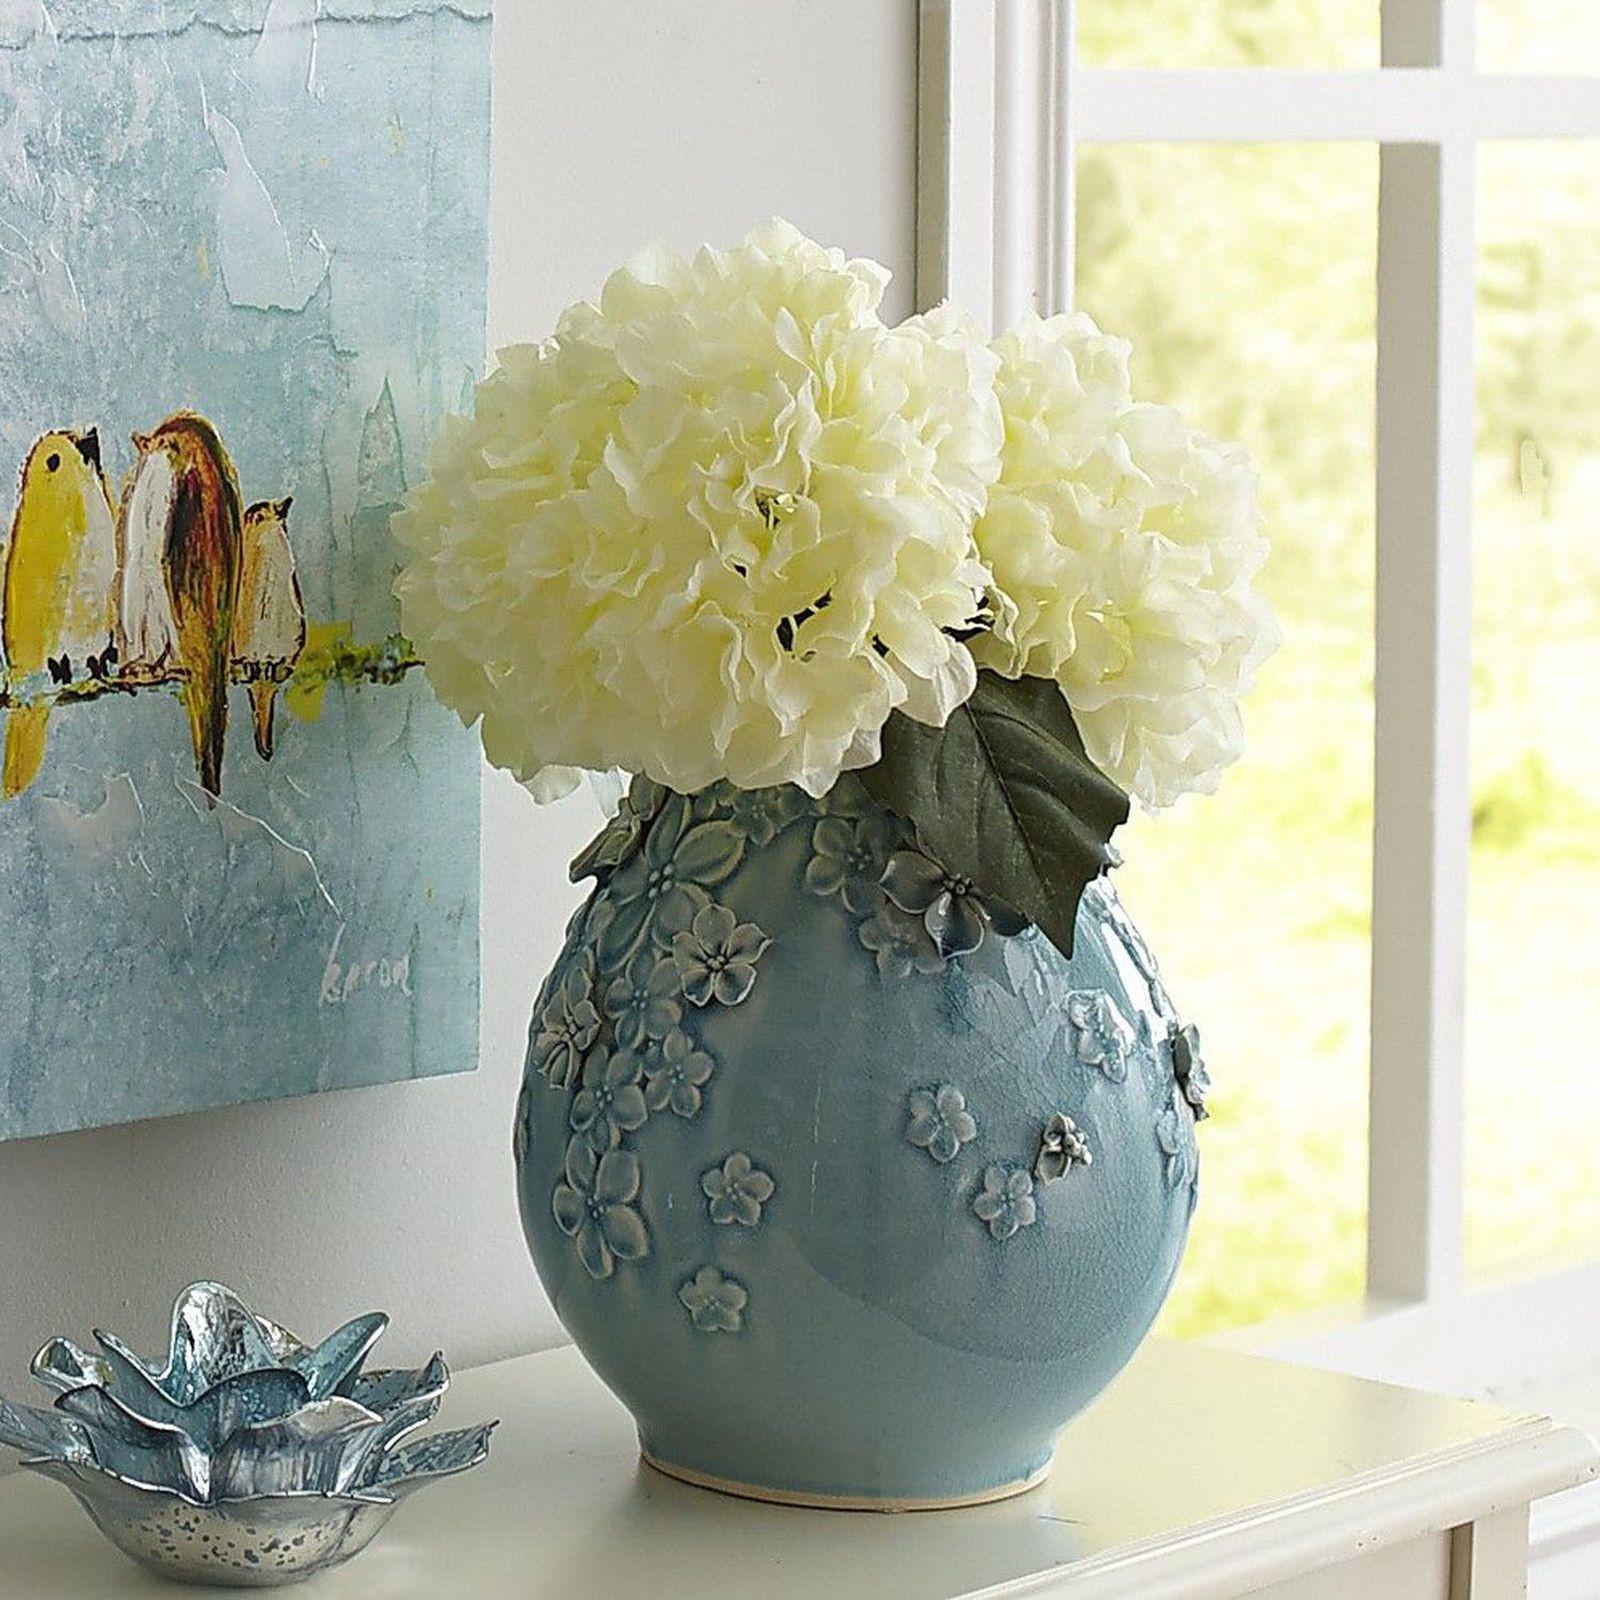 pier one glass vases of blossoms aqua ceramic vase faux flowers ceramic vase and aqua with regard to blossoms aqua ceramic vase faux flowerspier 1